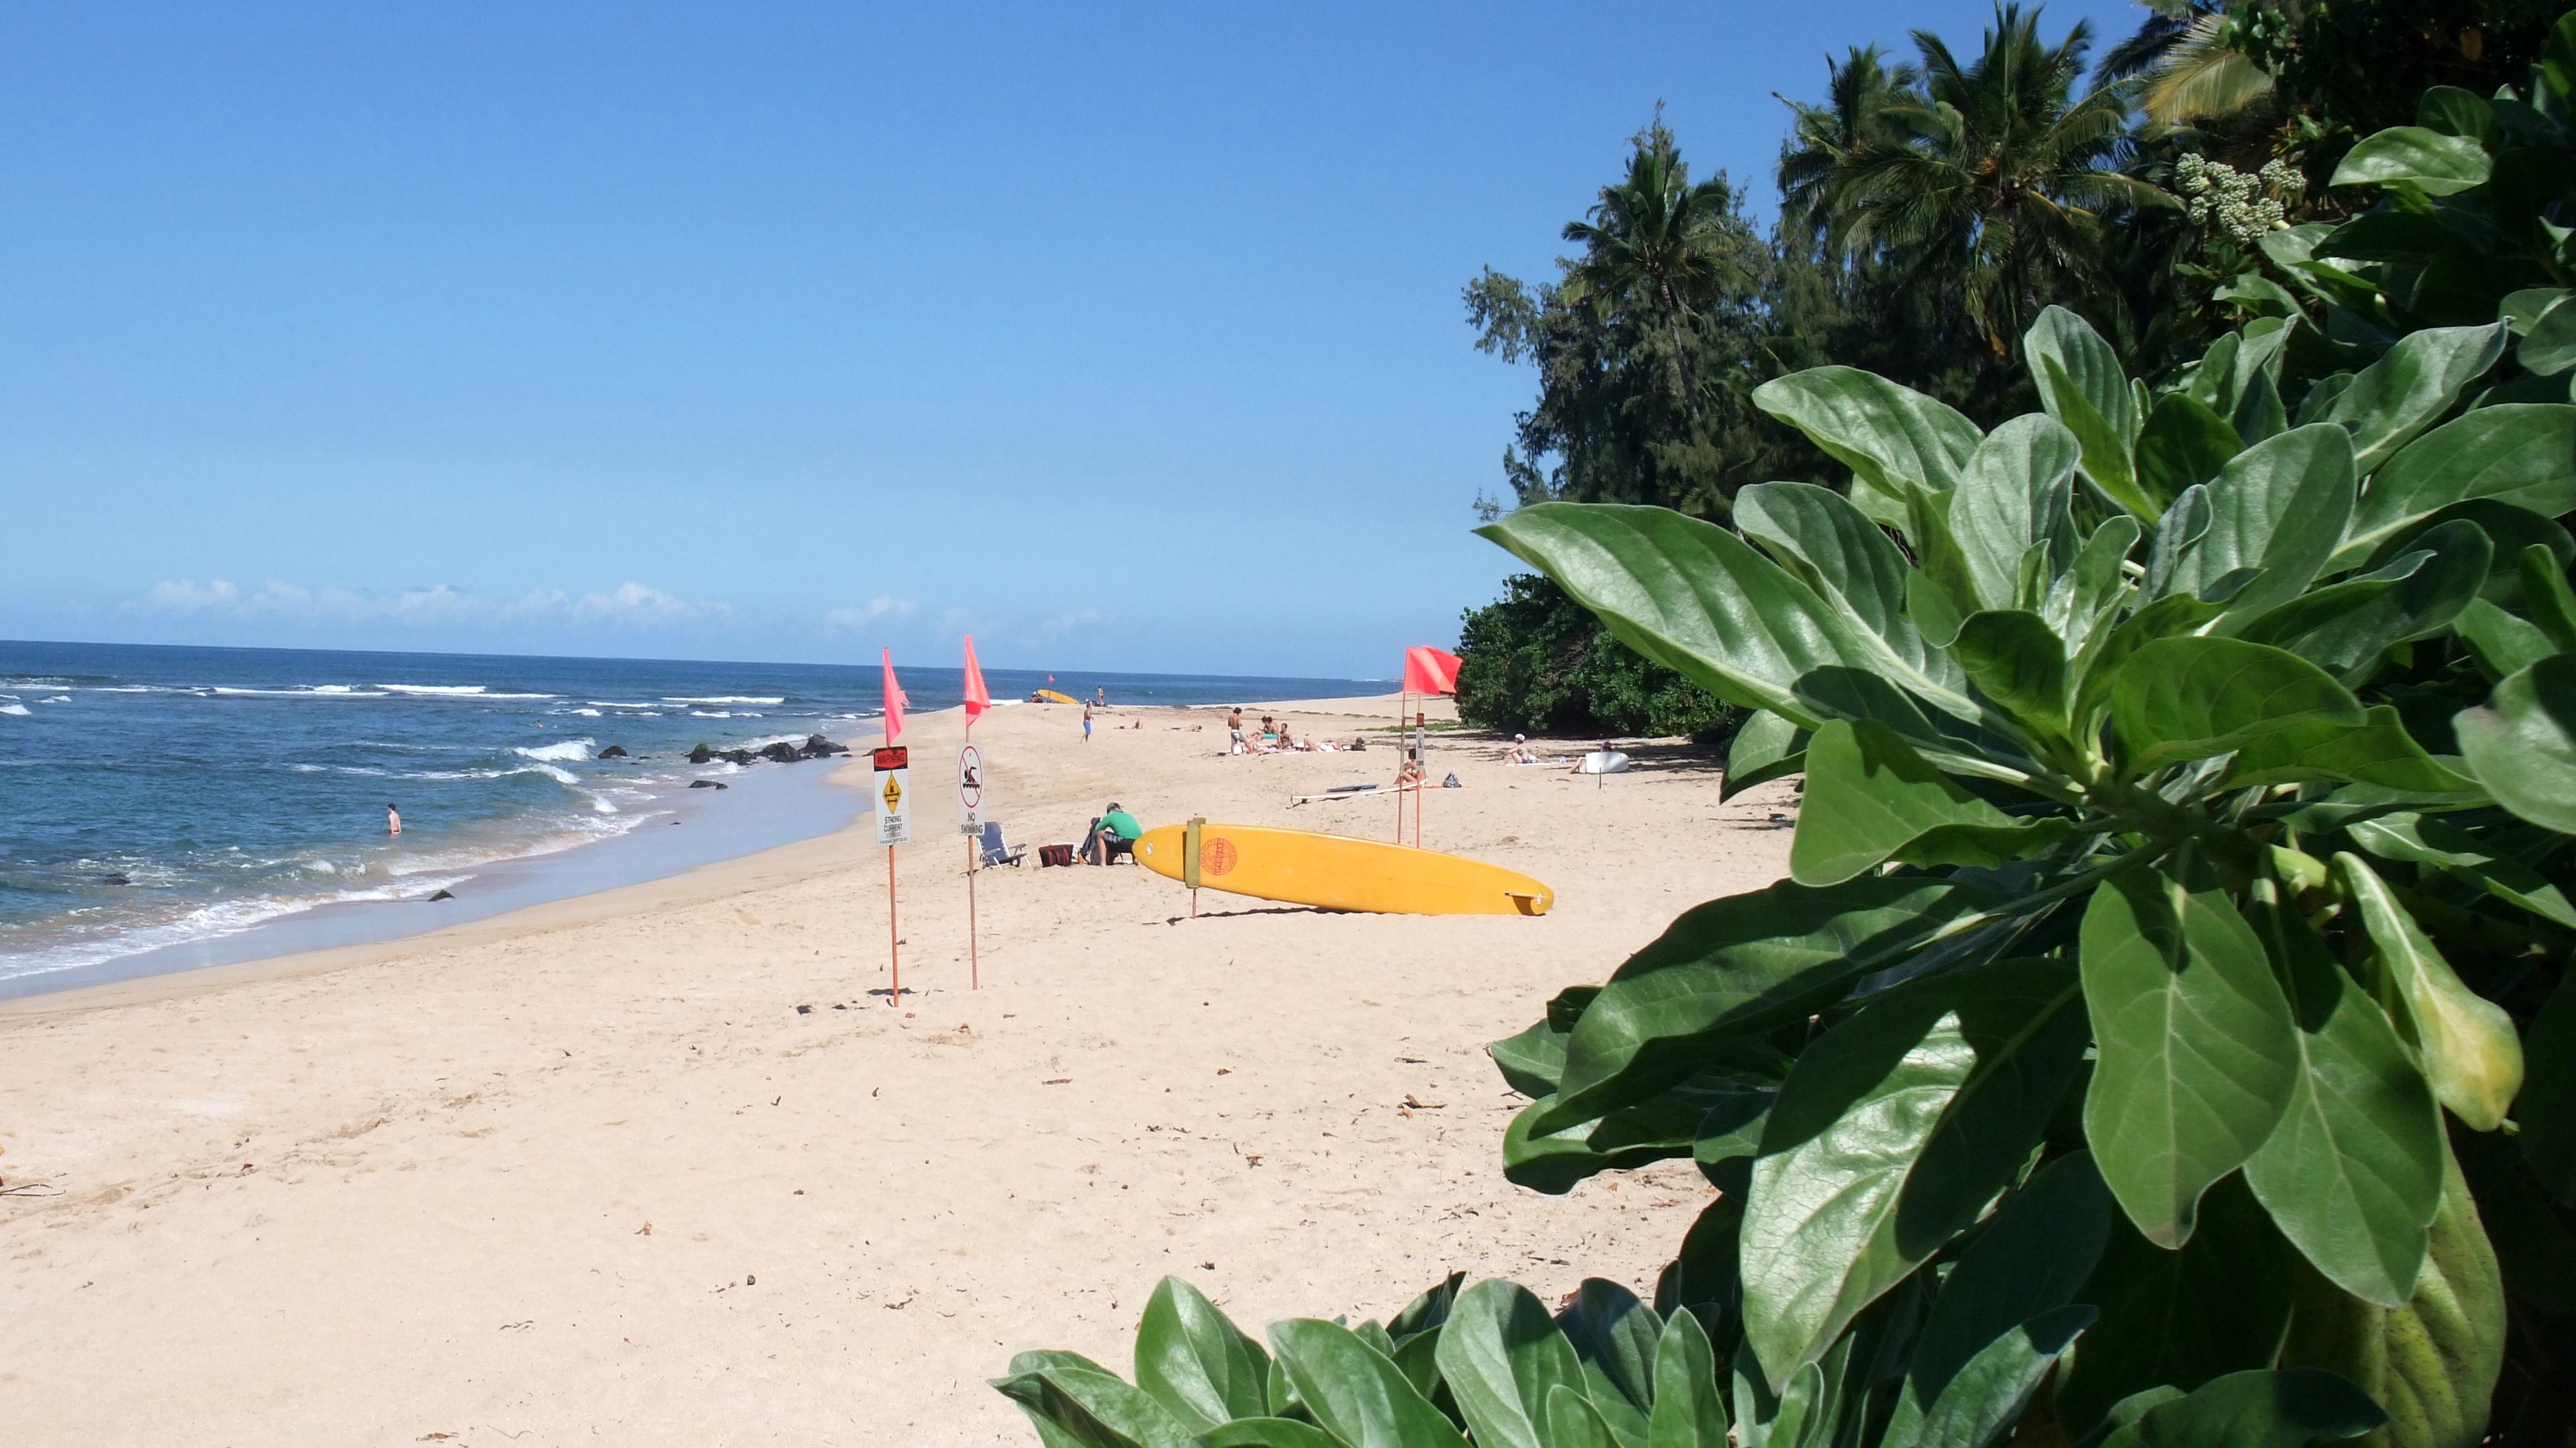 Chuns Reef beach